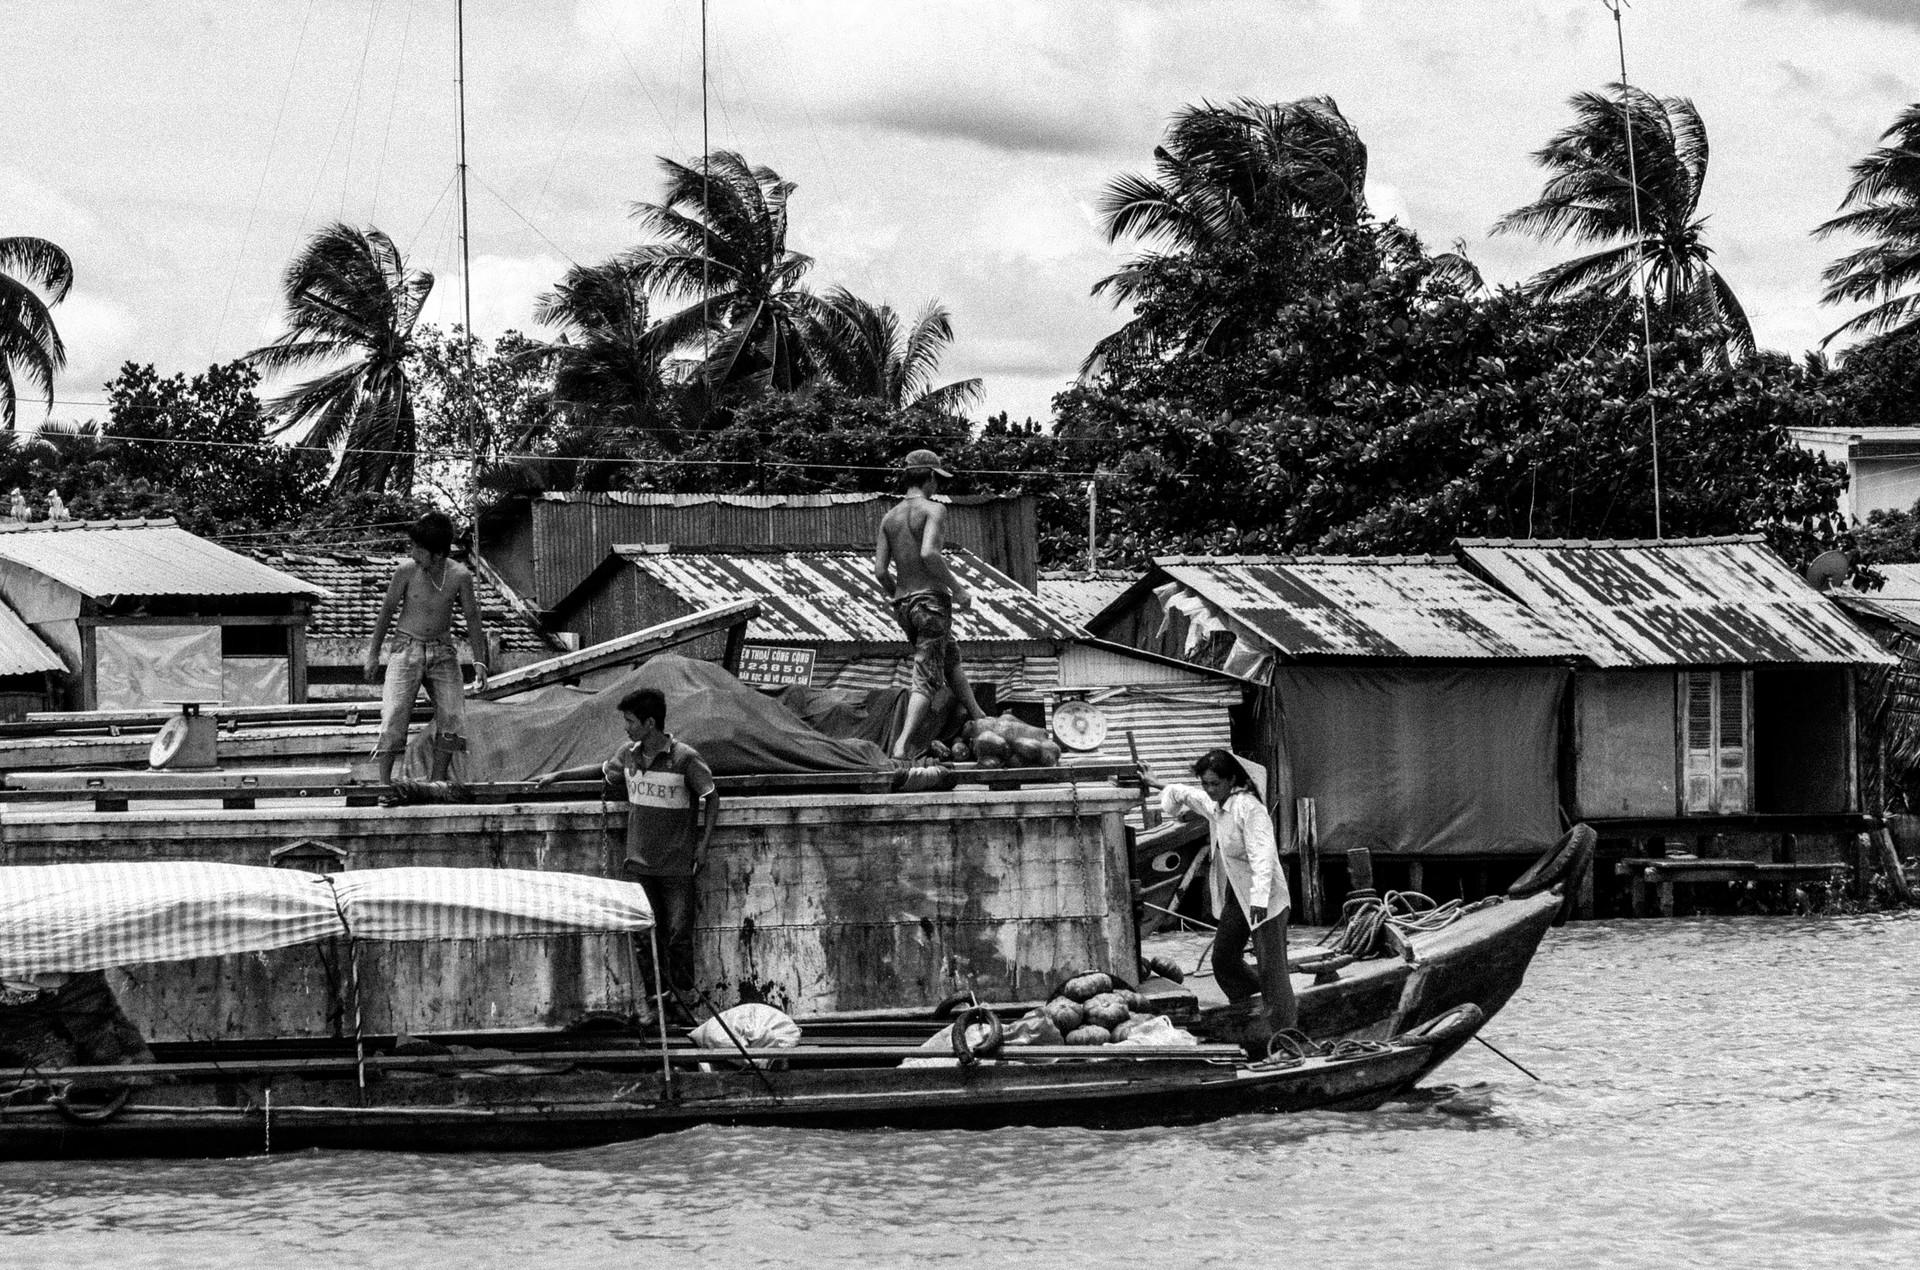 Mekong Seller